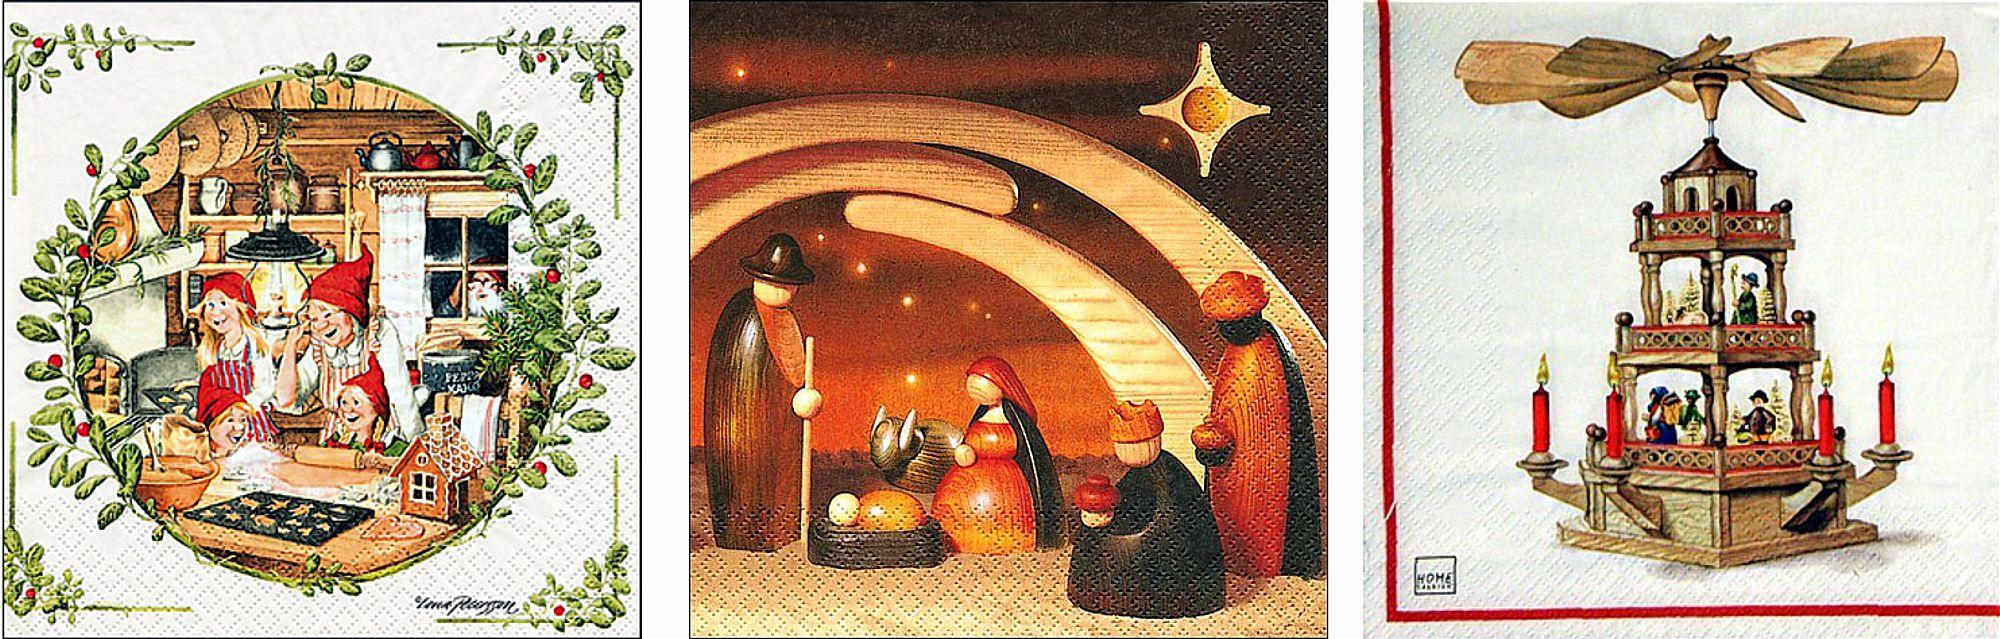 Servietten für Weihnachten